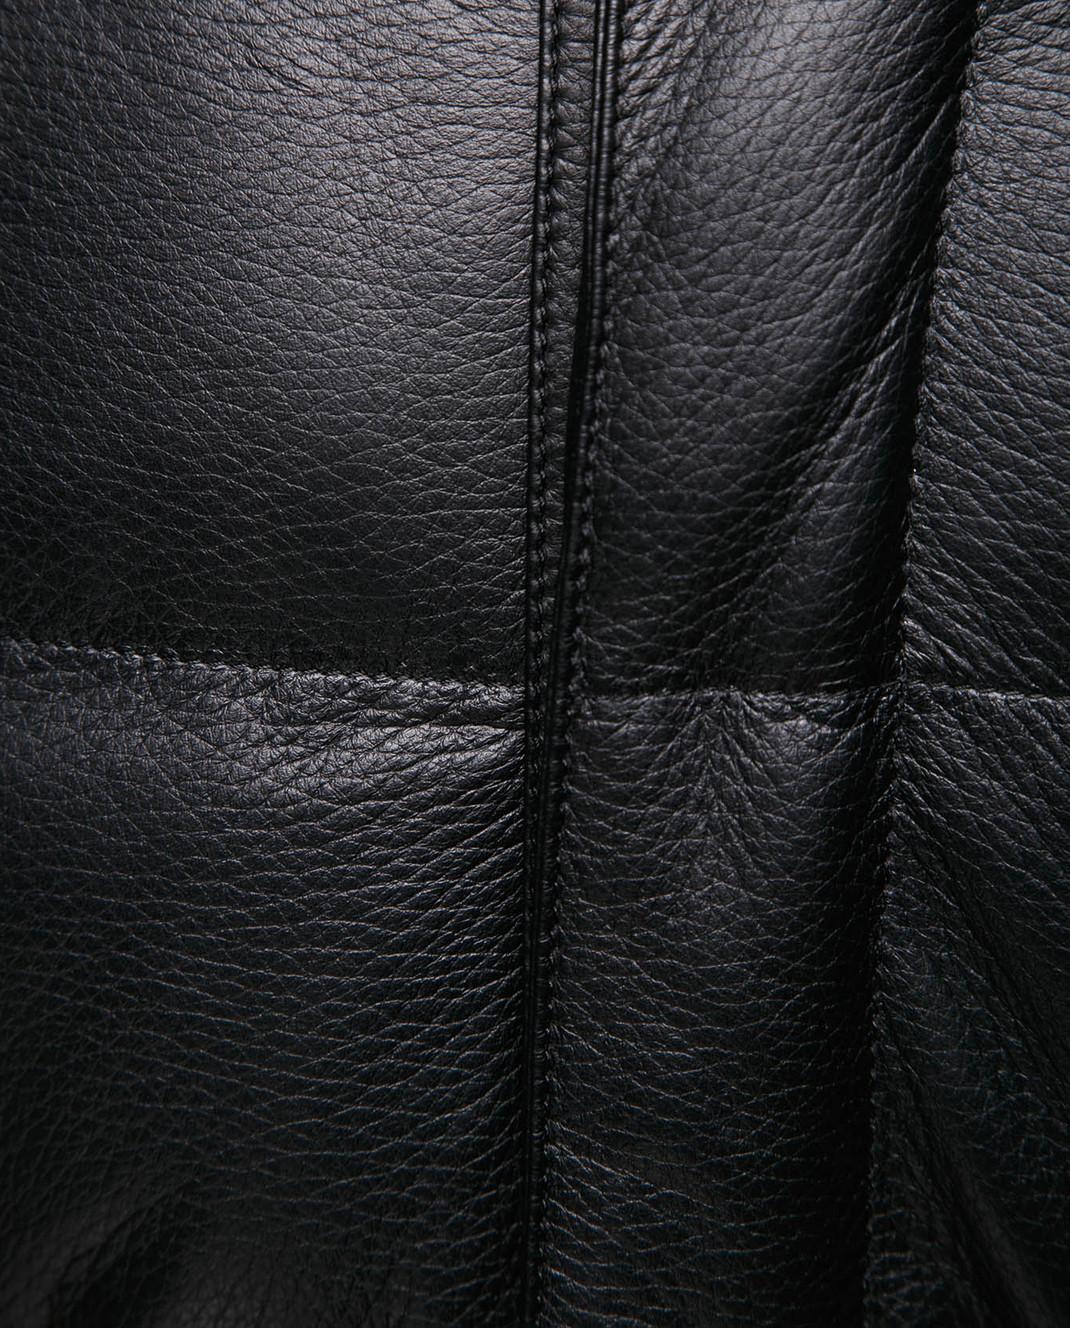 Enrico Mandelli Черный пуховик из кожи оленя со съёмным воротником из меха нутрии A6T167 изображение 5